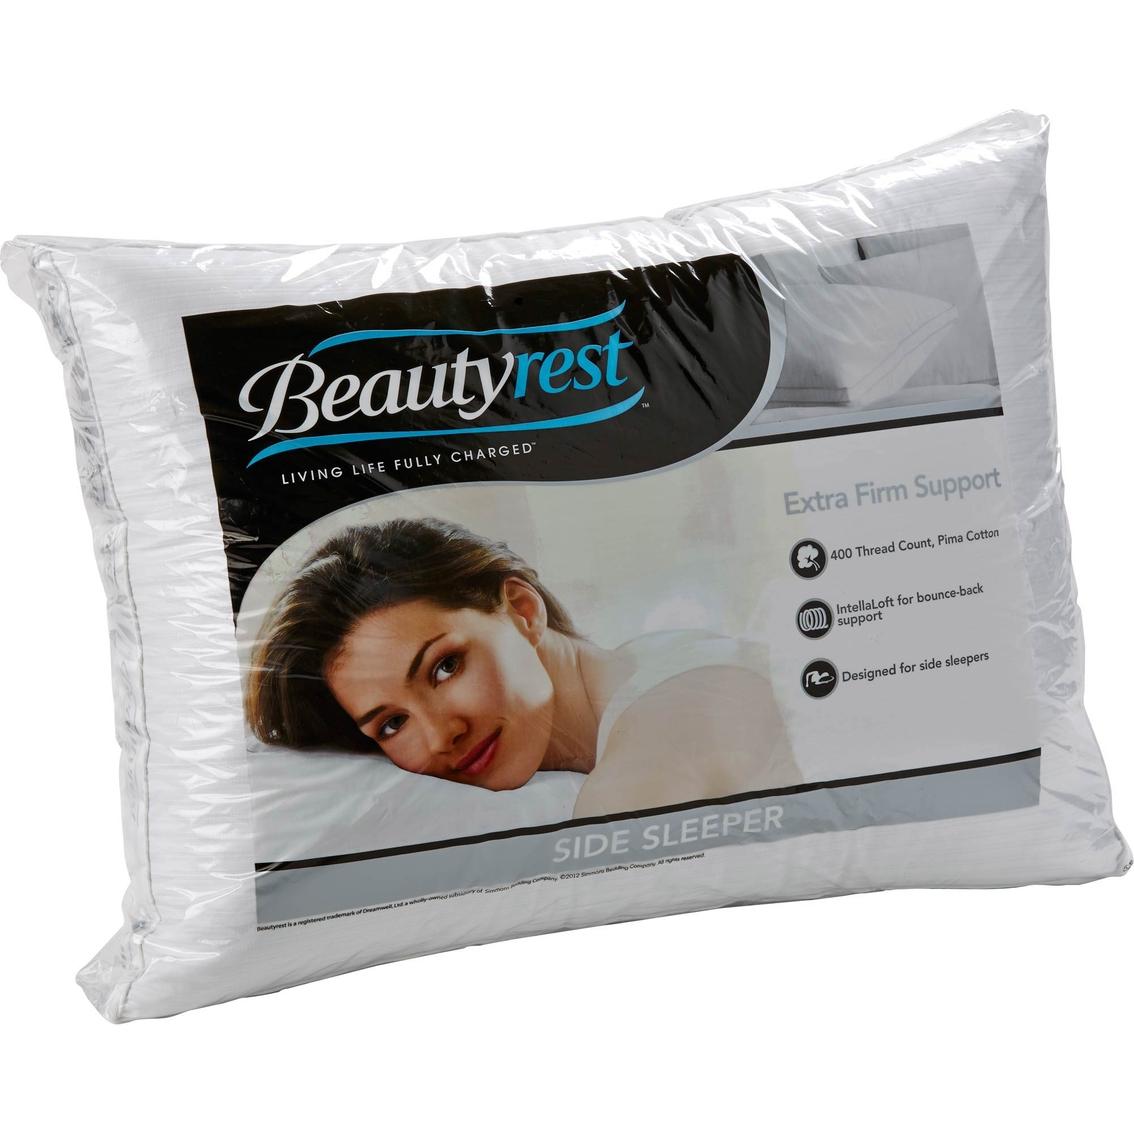 Beautyrest Extra Firm Density Side Sleeper Pillow Serta